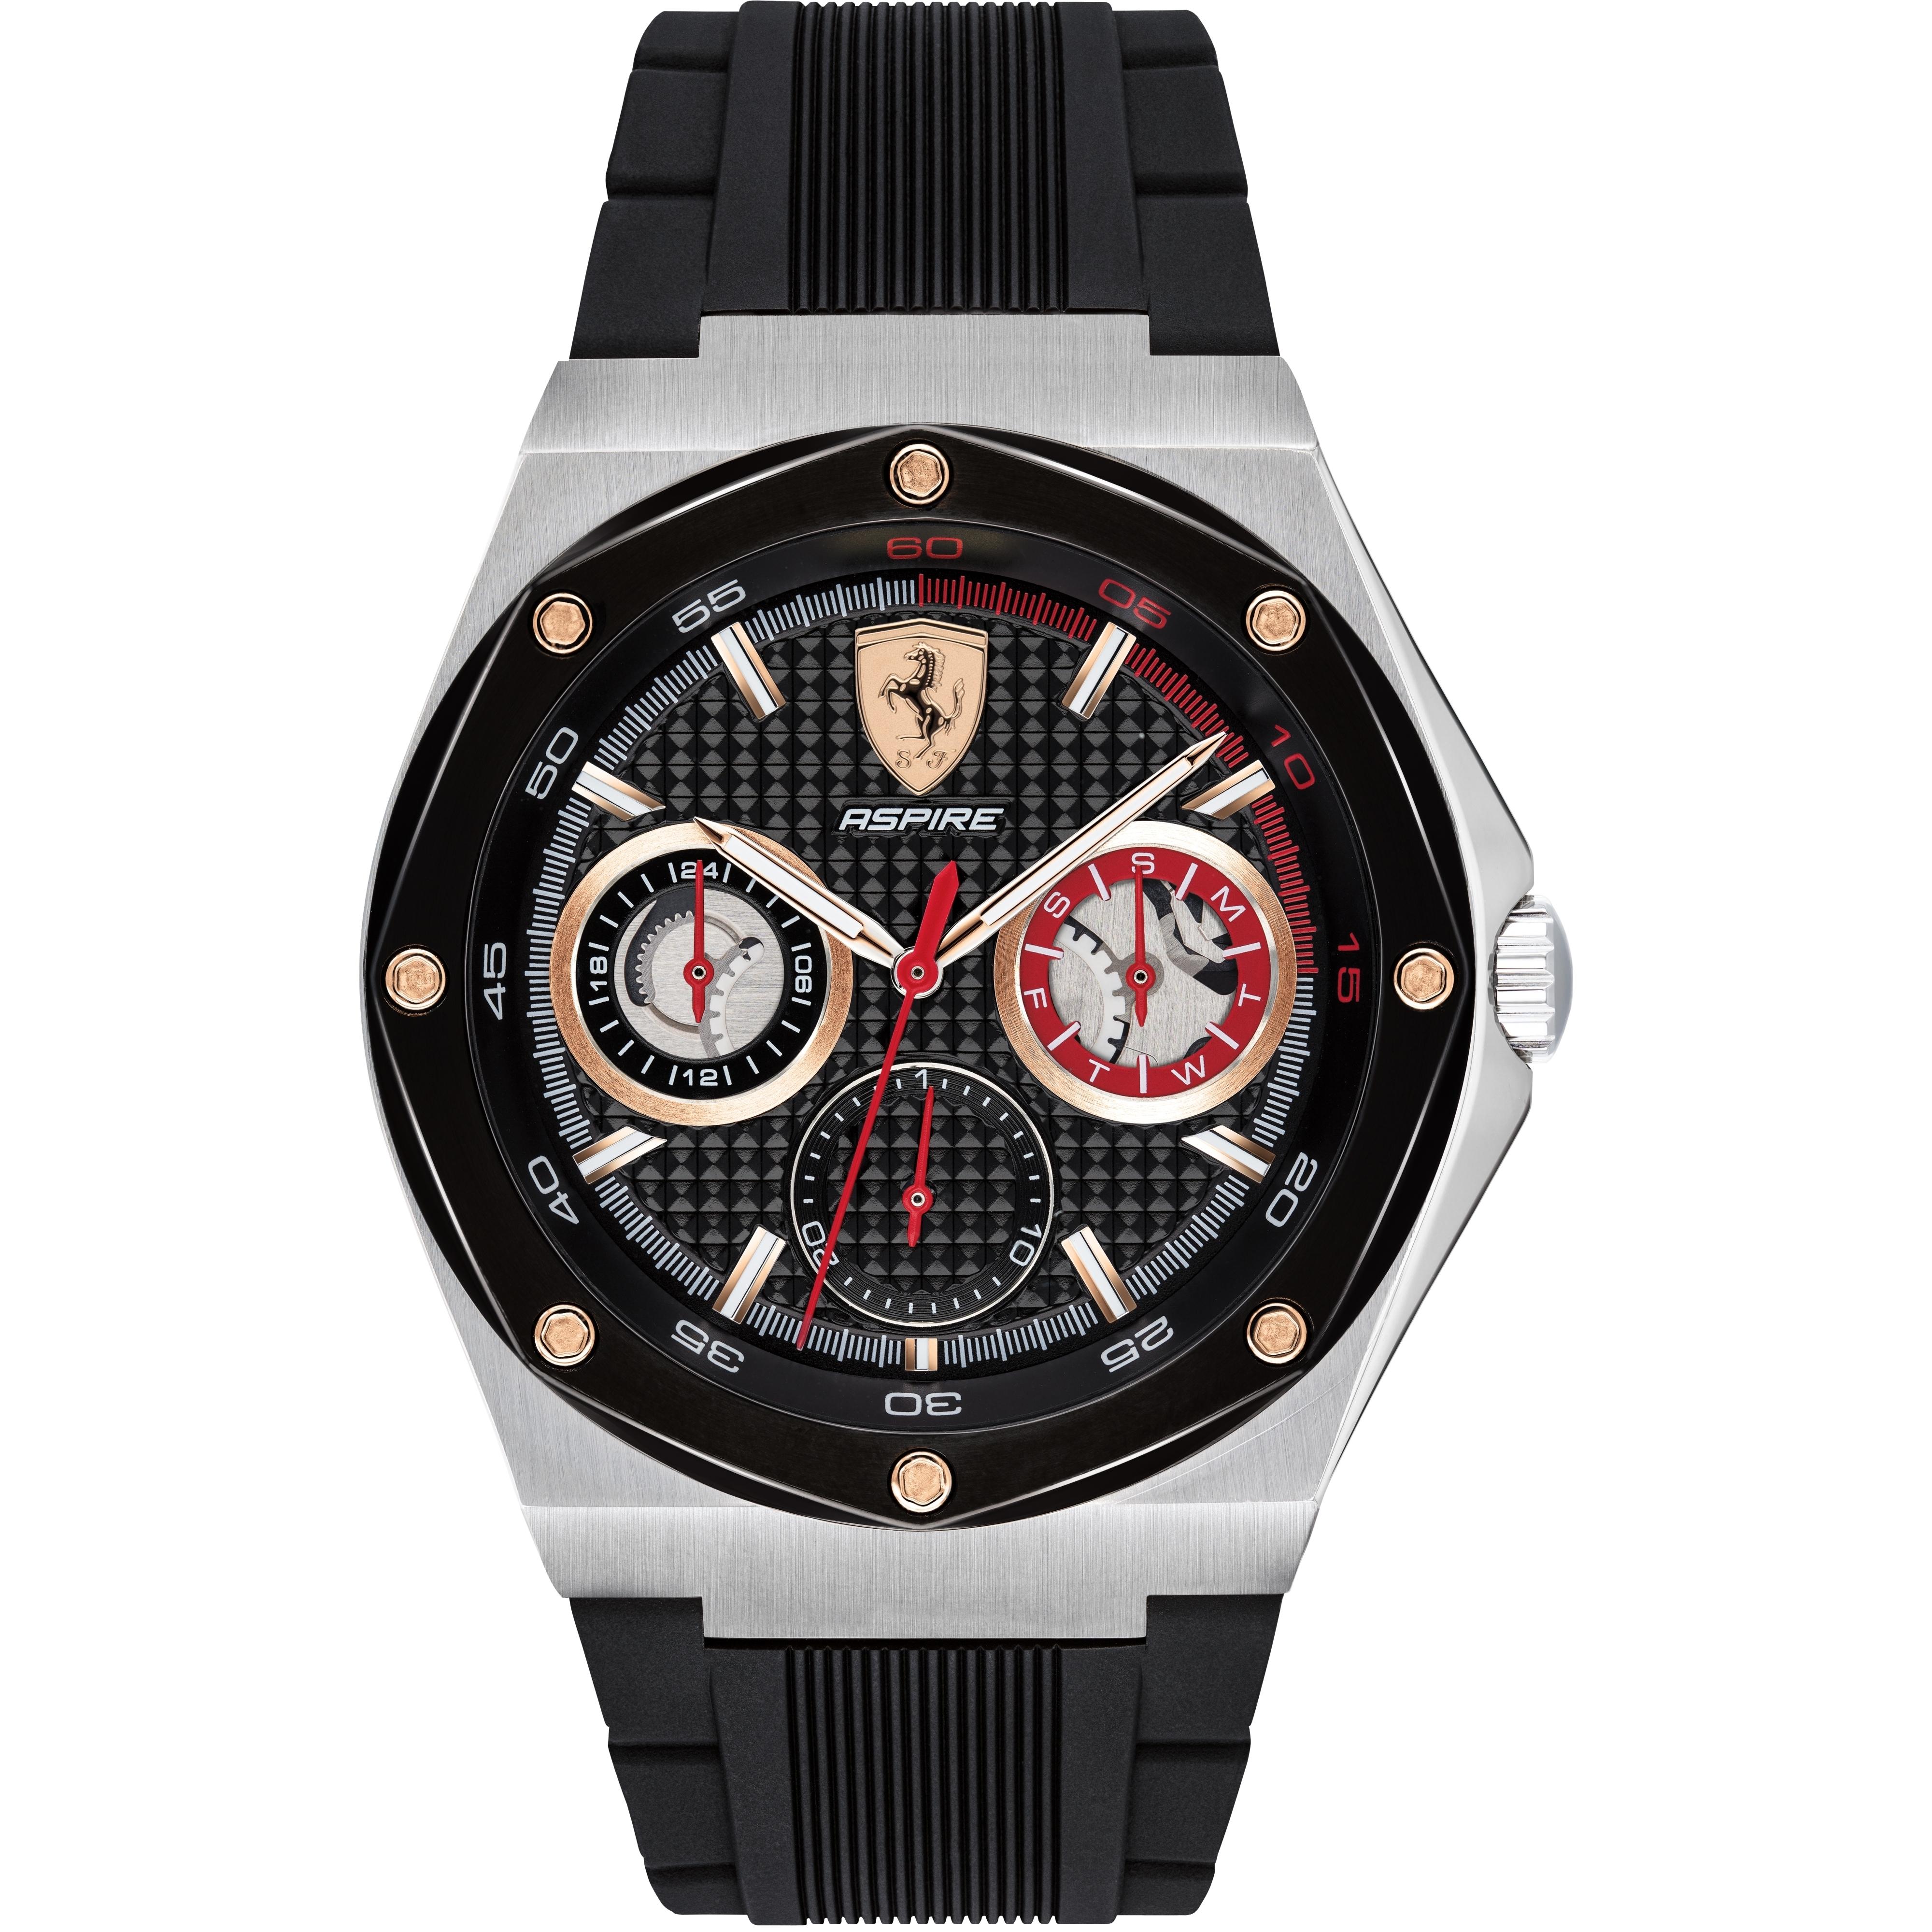 8d56dc4a2d1 Scuderia Ferrari Aspire Watch (0830556)